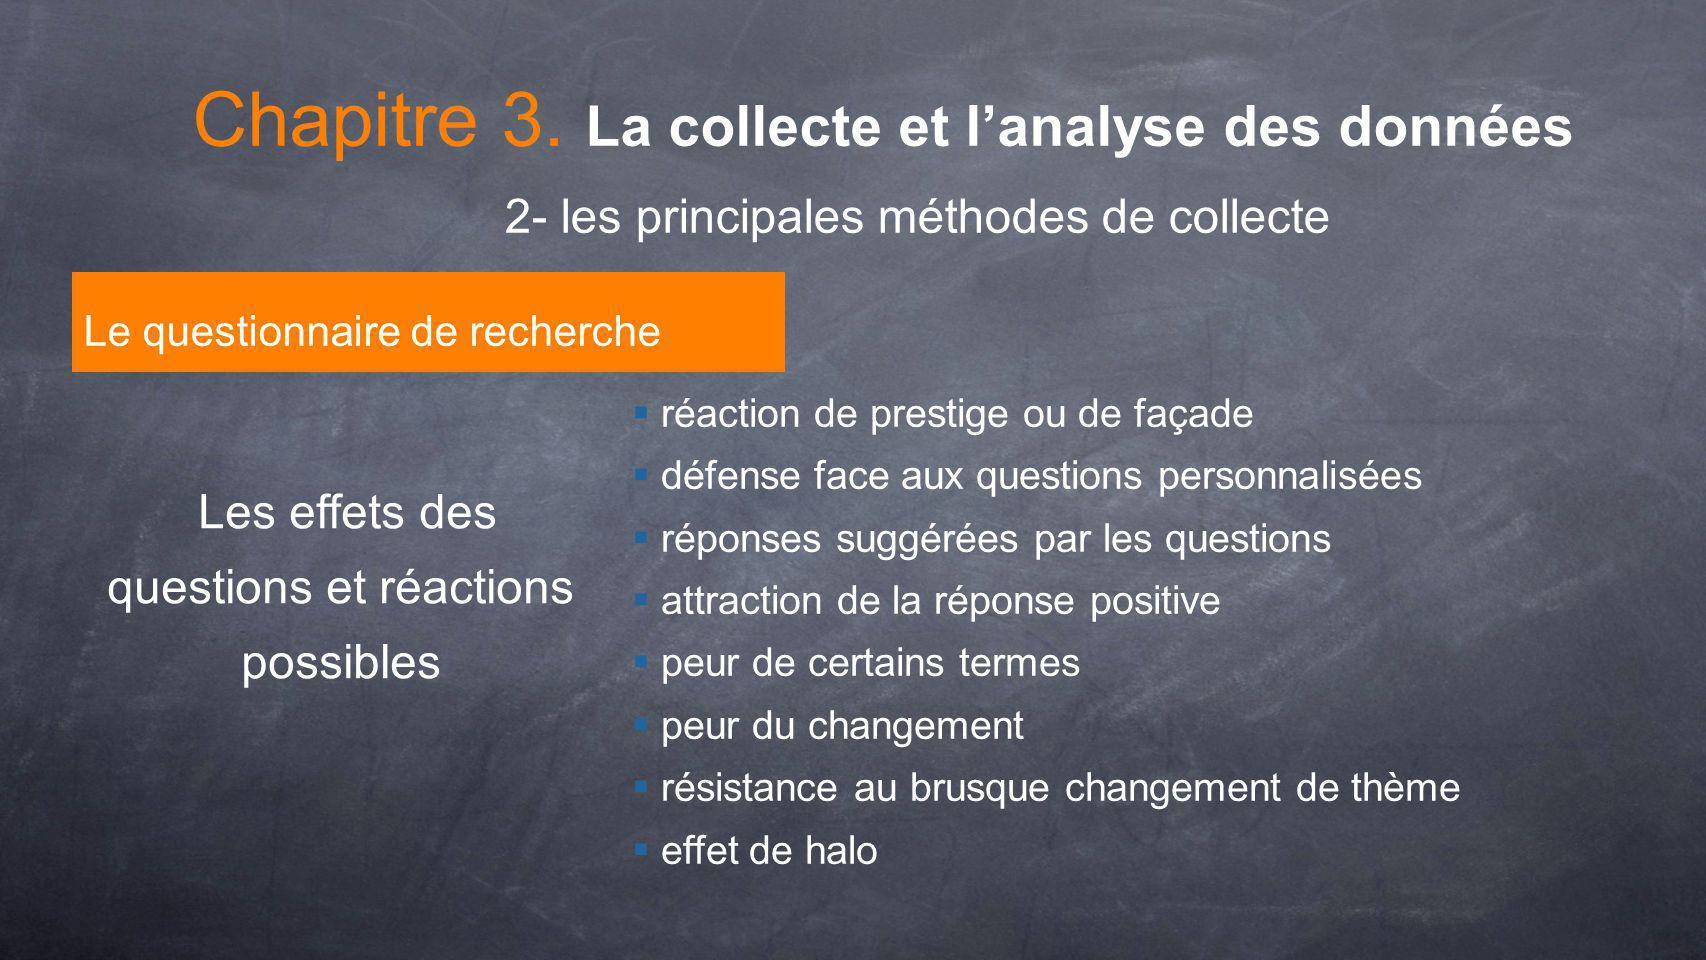 Les effets des questions et réactions possibles réaction de prestige ou de façade défense face aux questions personnalisées réponses suggérées par les